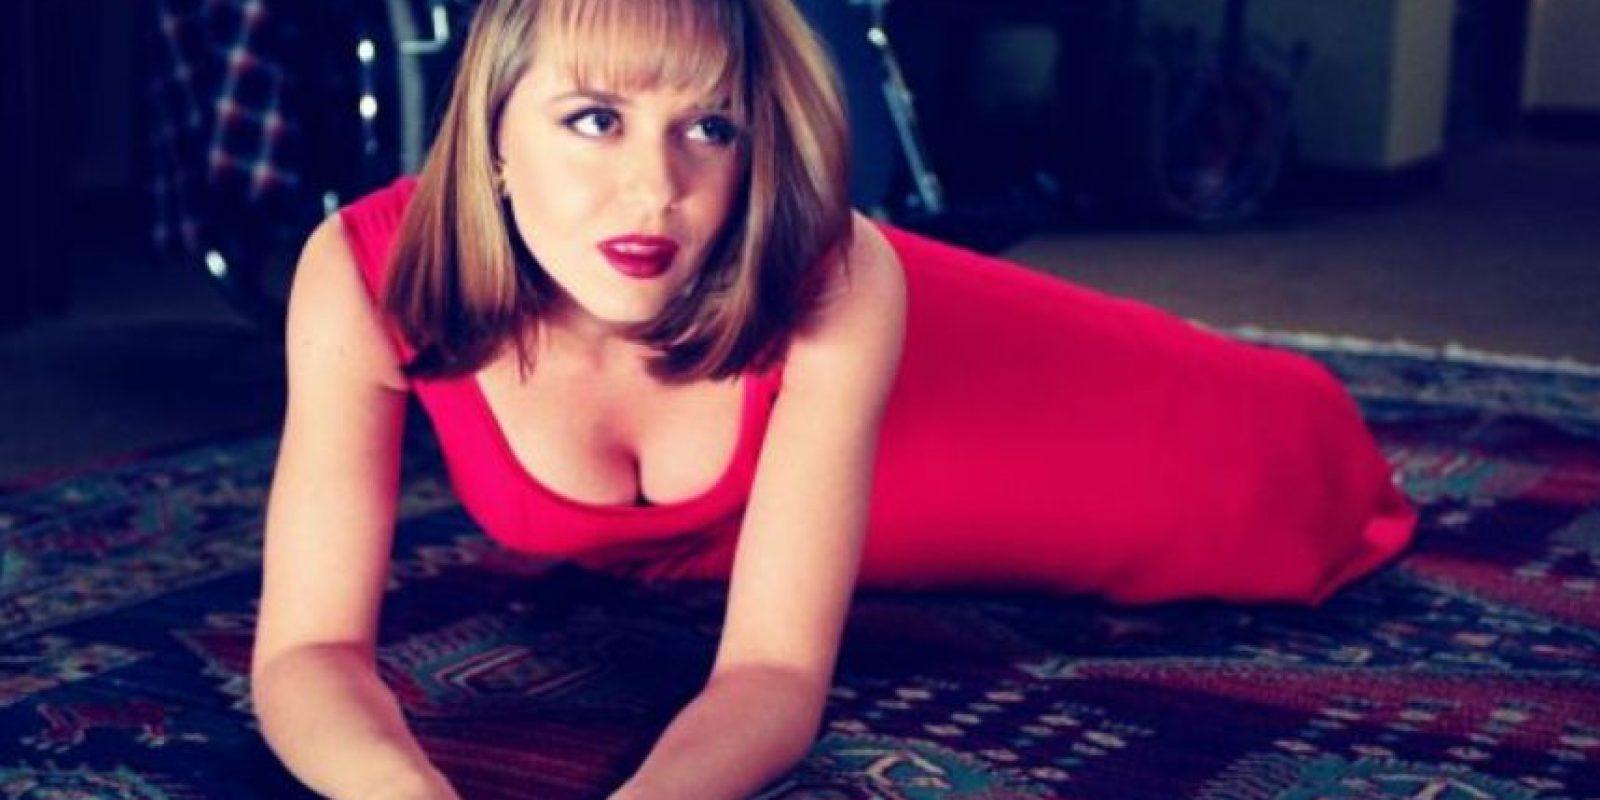 """Las frases de """"Paola"""" y su estilo en particular encasillaron a la actriz en roles así (menos en """"La venganza""""). Foto:vía Televisa"""